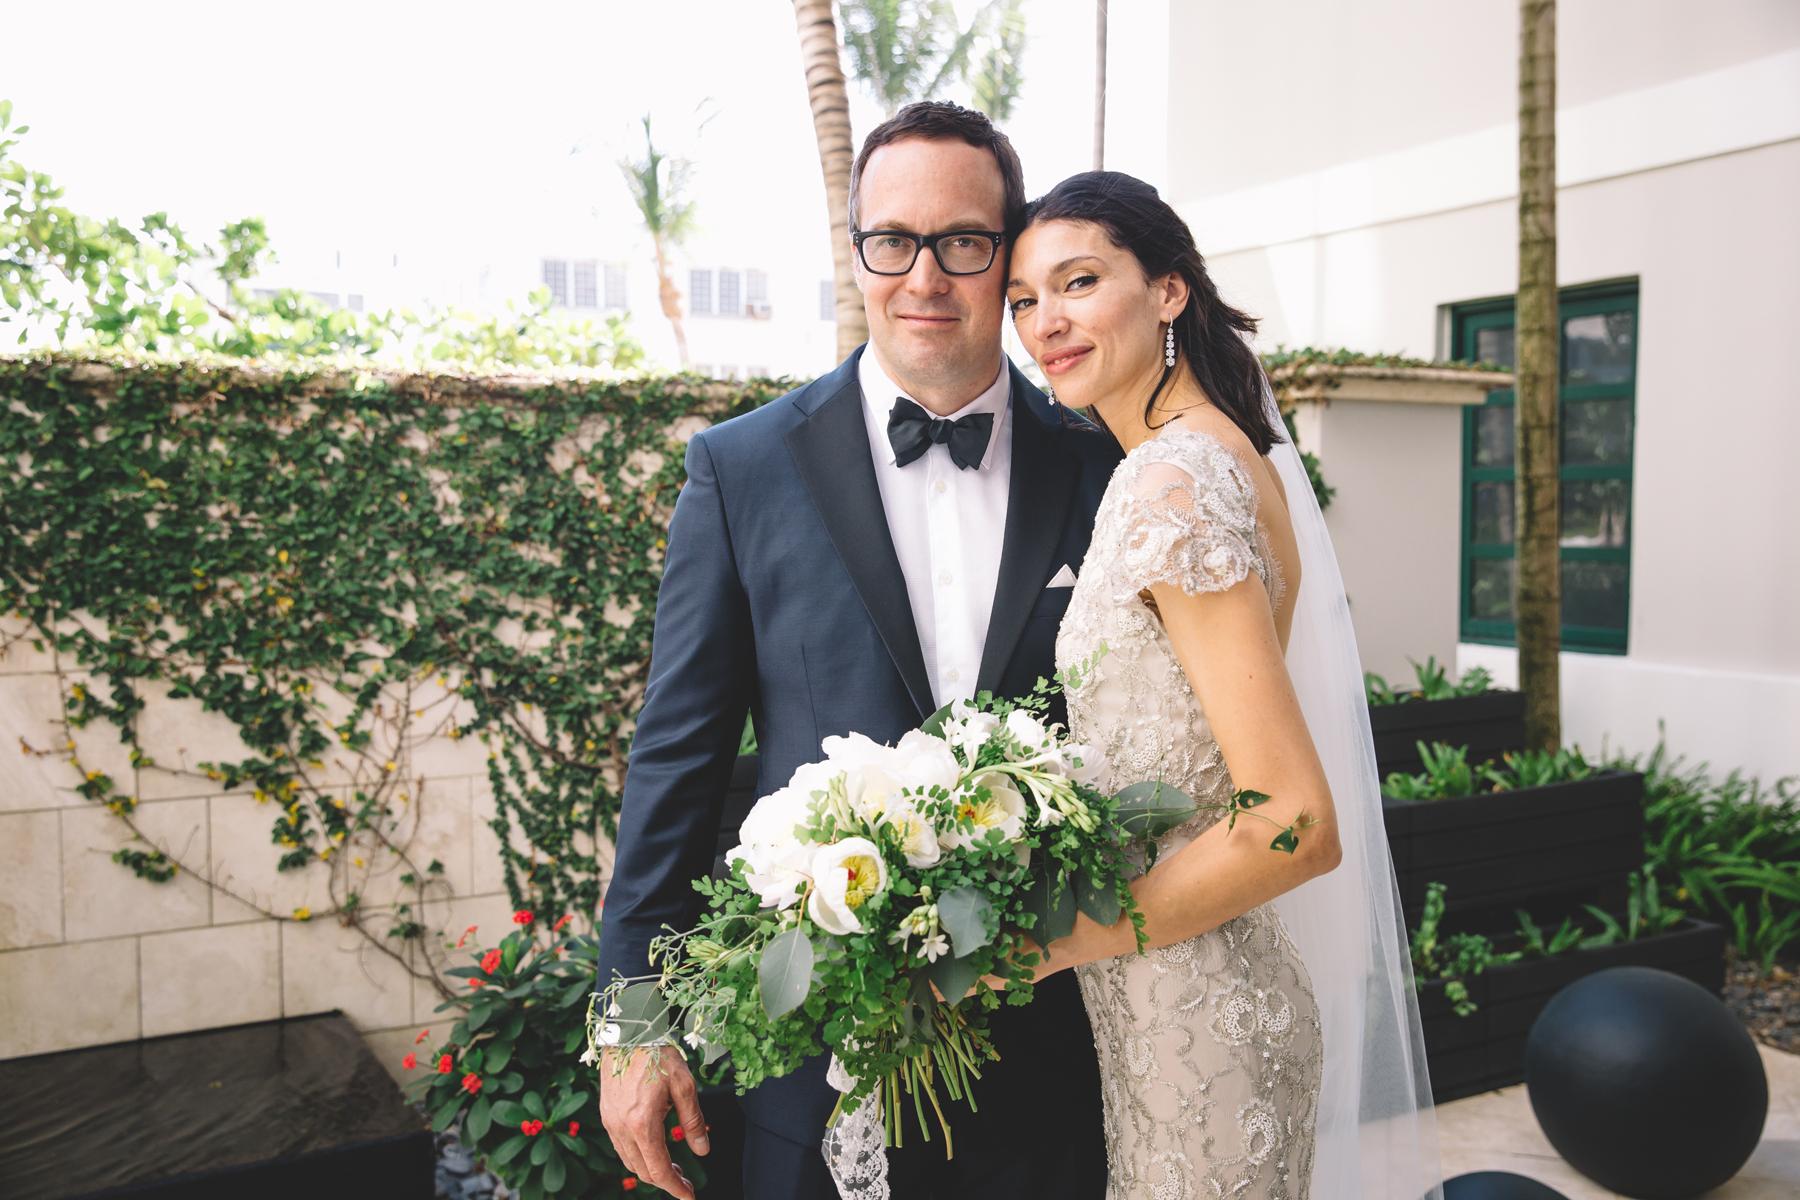 Puerto Rico Destination Wedding 1